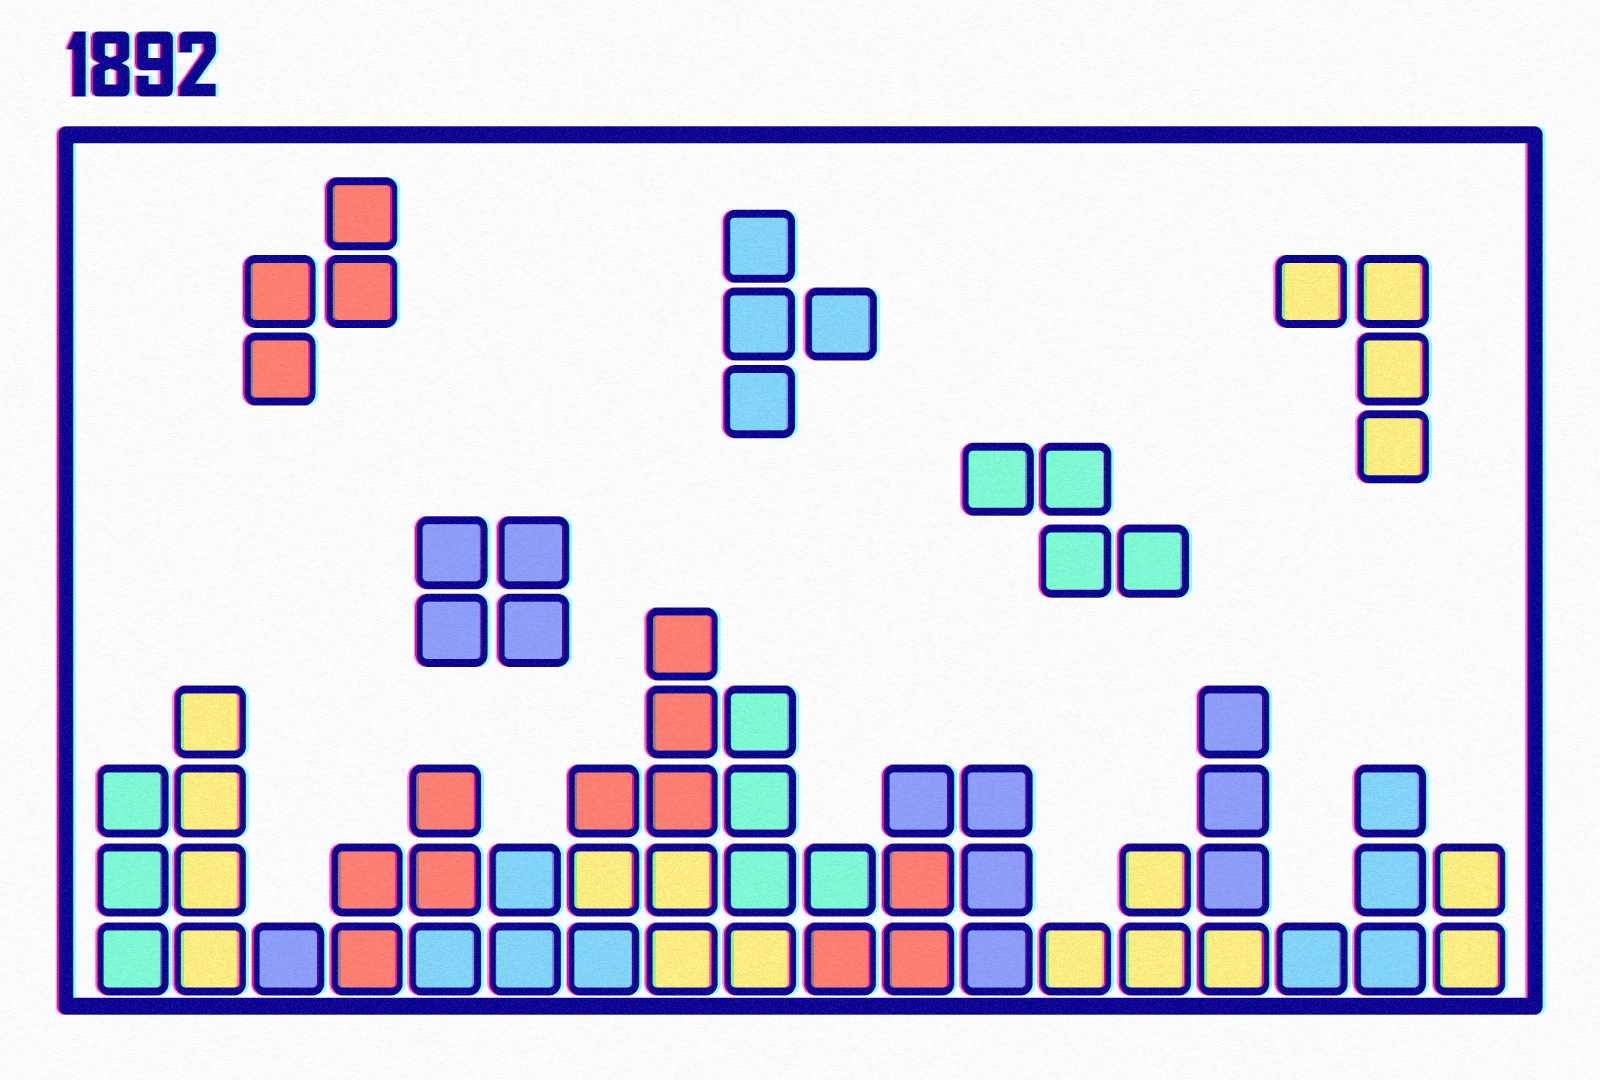 Как появился Тетрис? Создатель тетриса. Первая мобильная игра на телефоне.